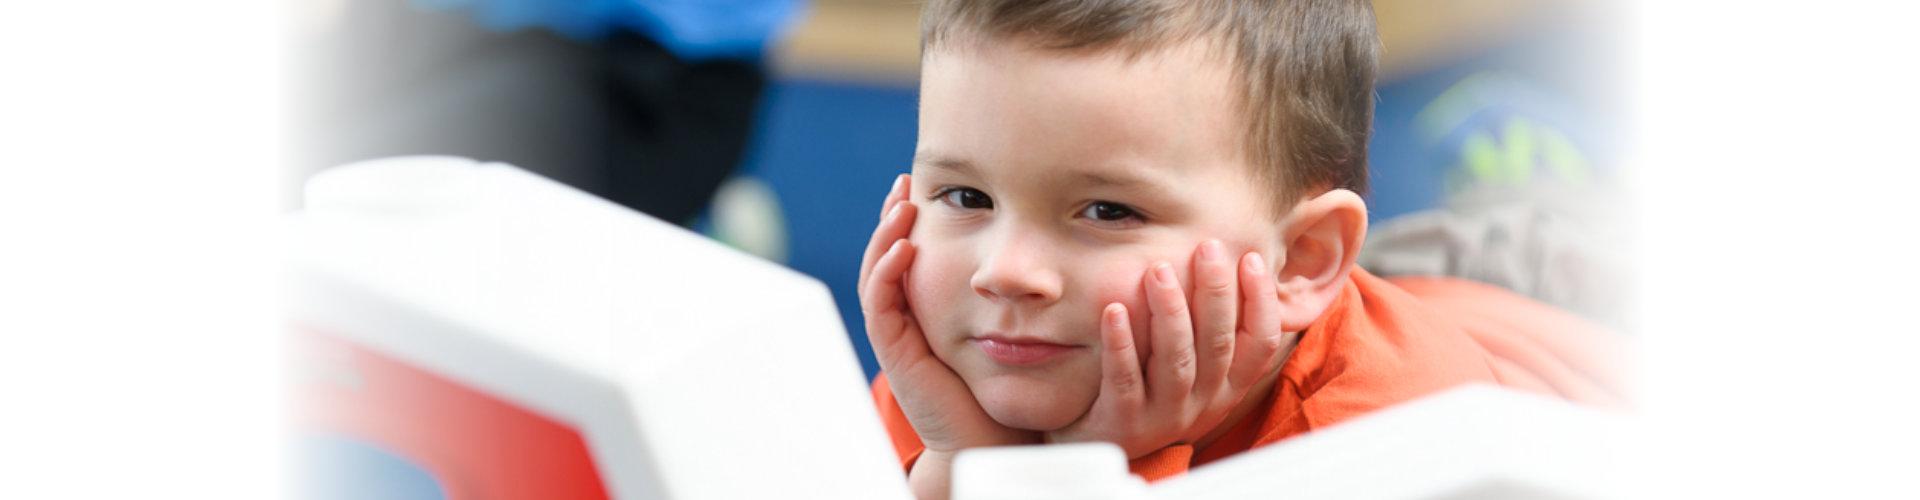 Cute kid looking at the camera